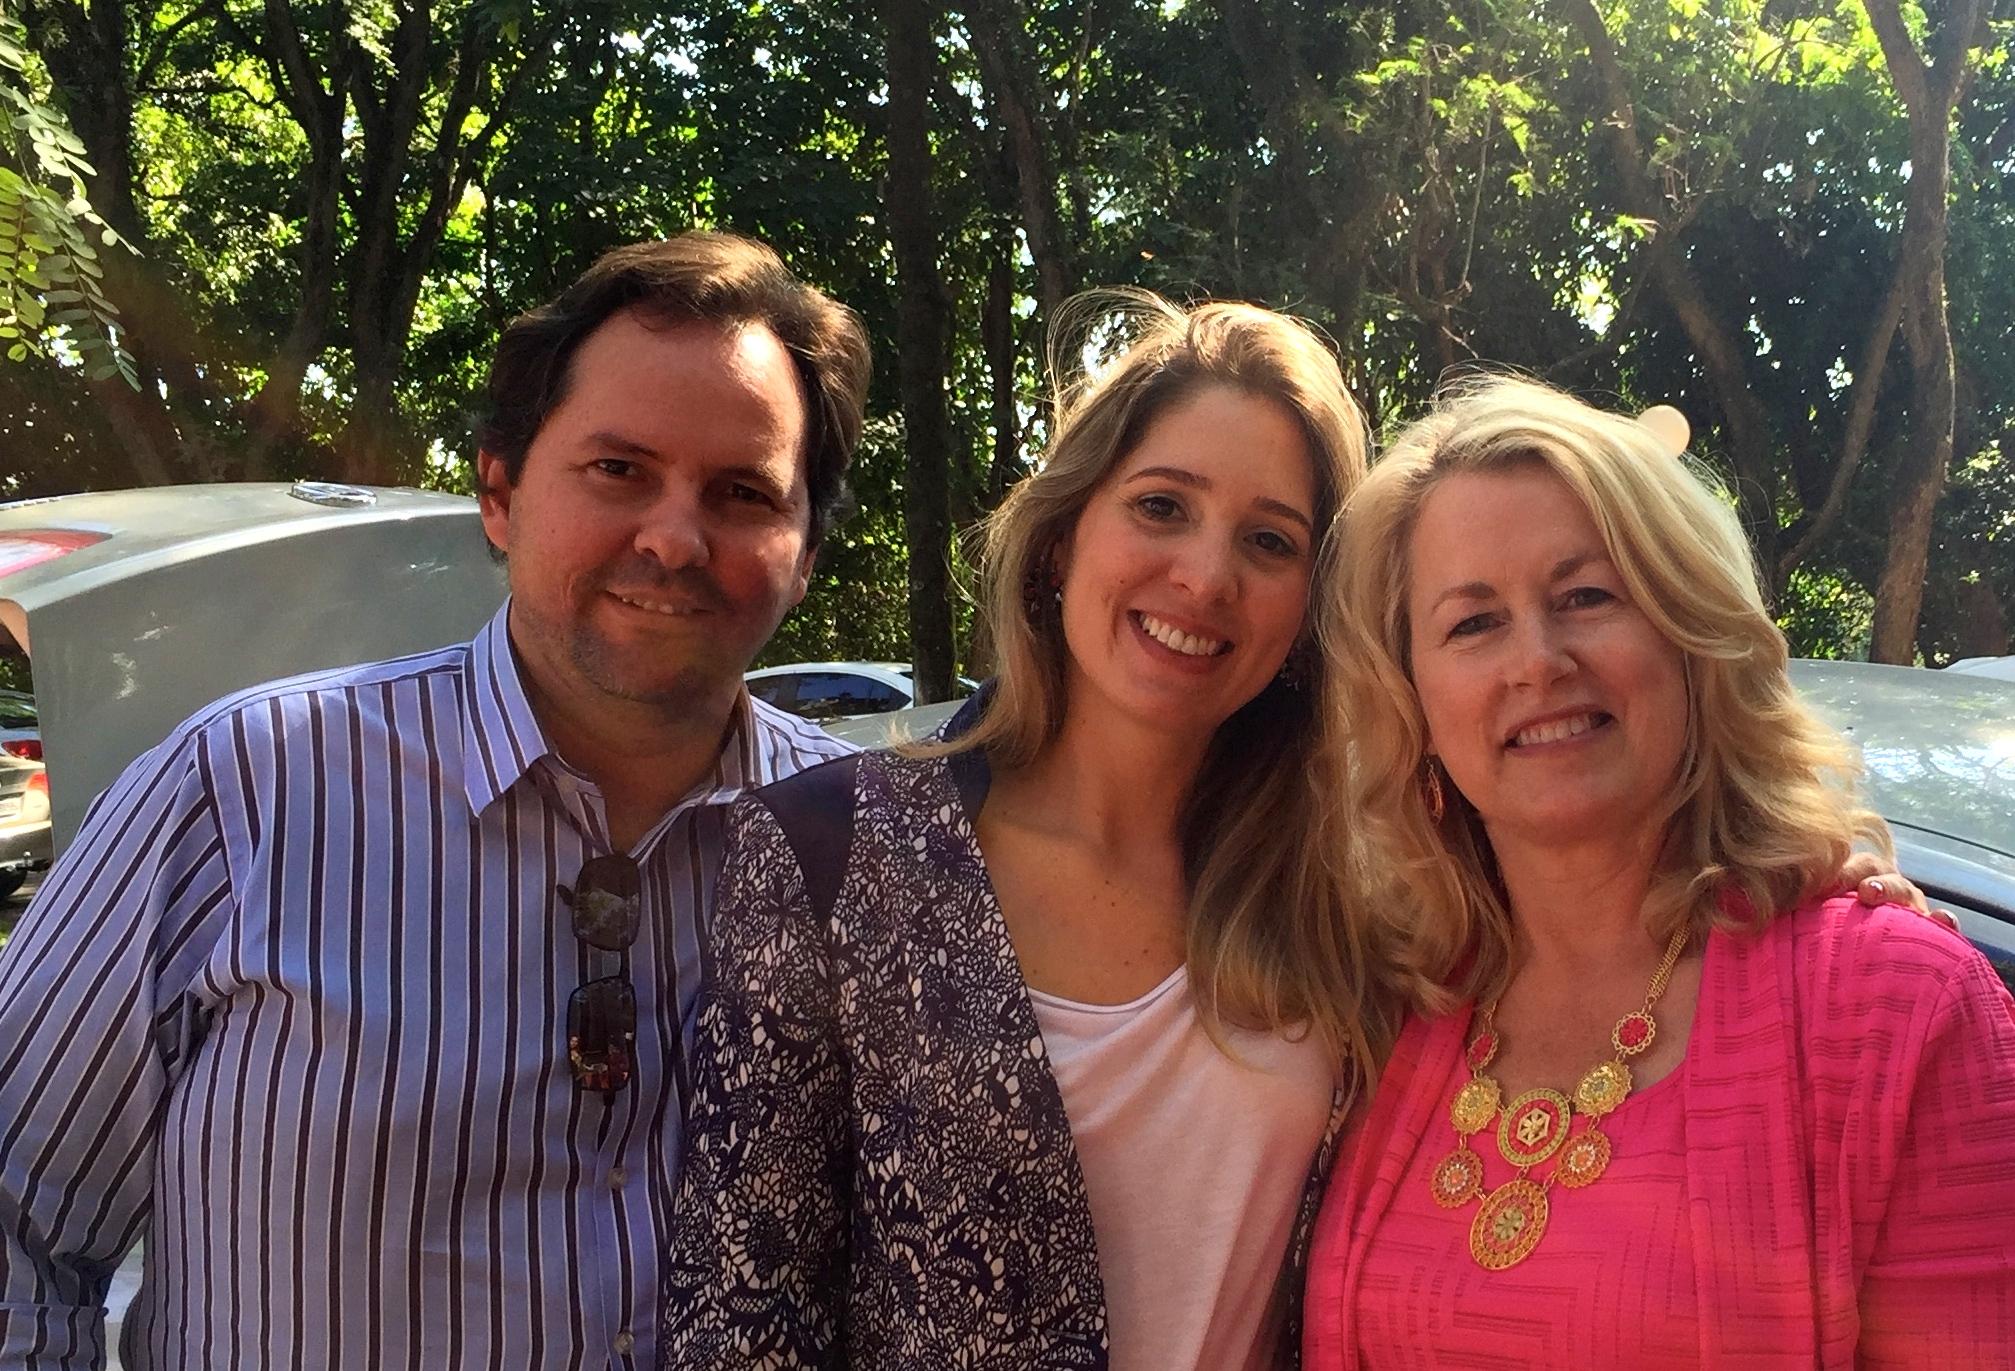 With Pastor Saulo Stratico Jardim and wife Jacqueline, Igreja do Nazareno Jardim Elite, Piracicaba, Sao Paulo, Brazil